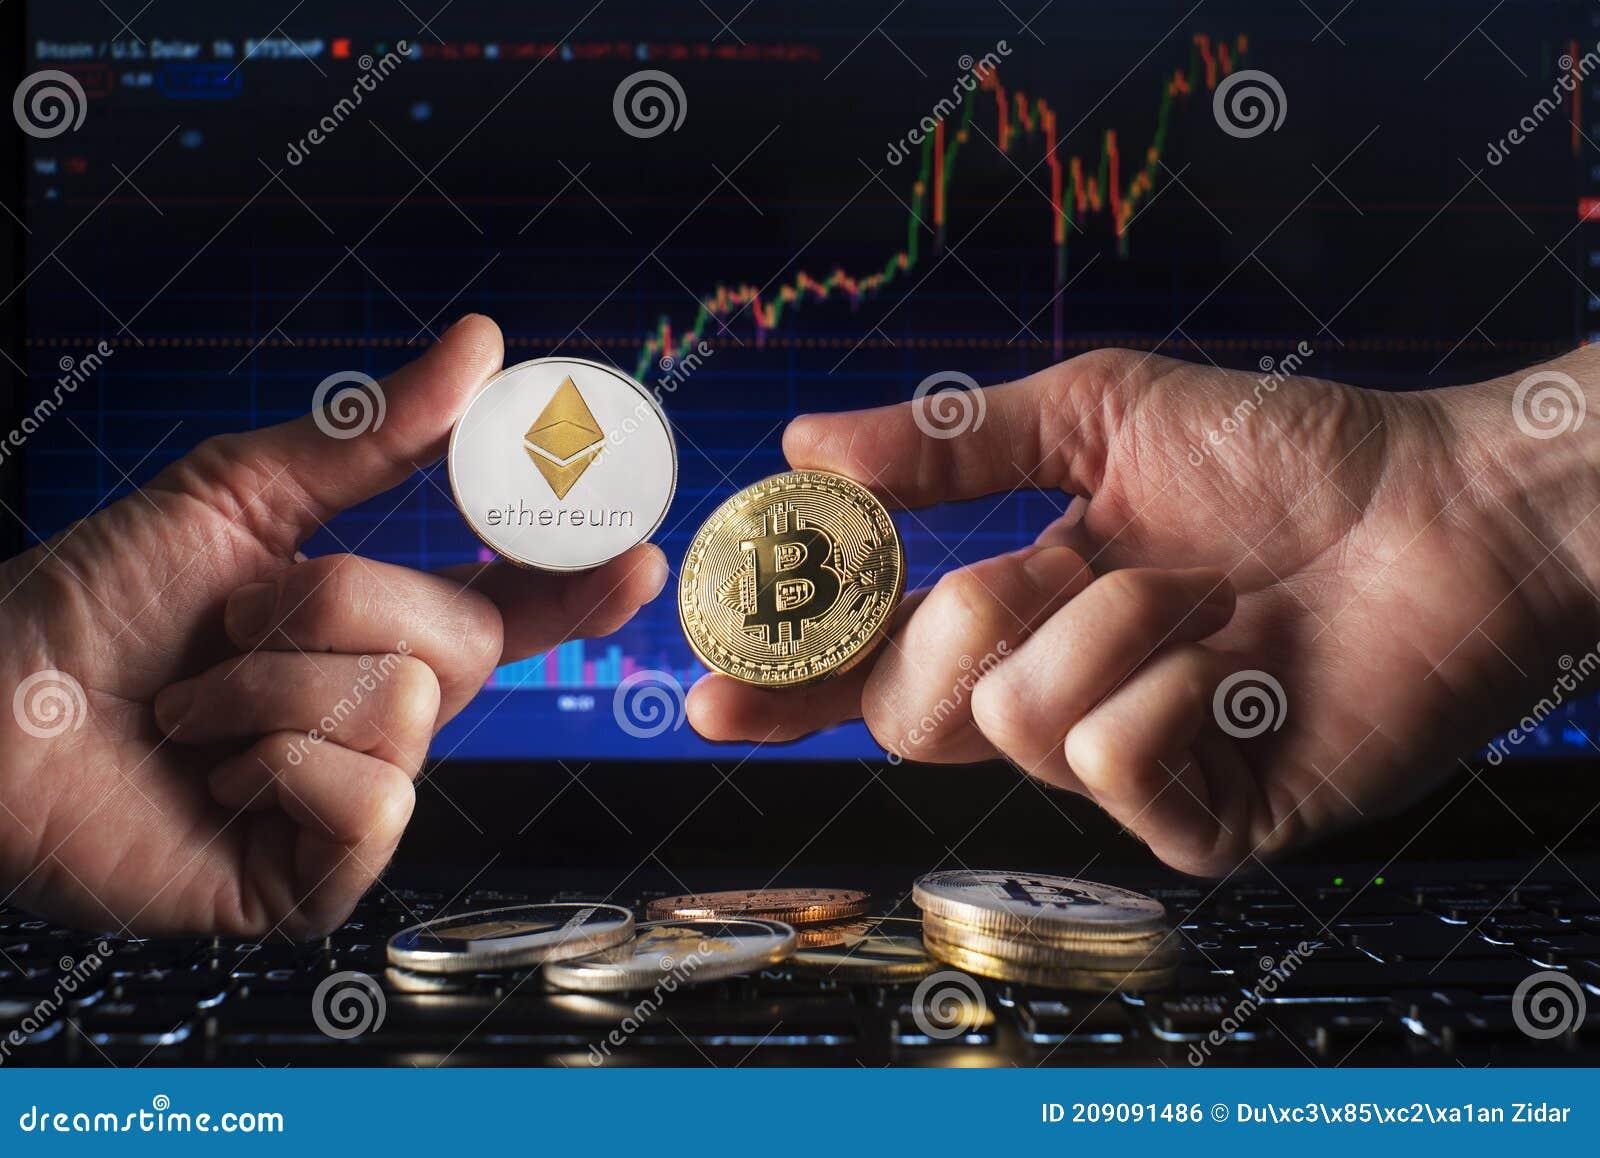 Qual è la differenza fra Ethereum e Bitcoin?